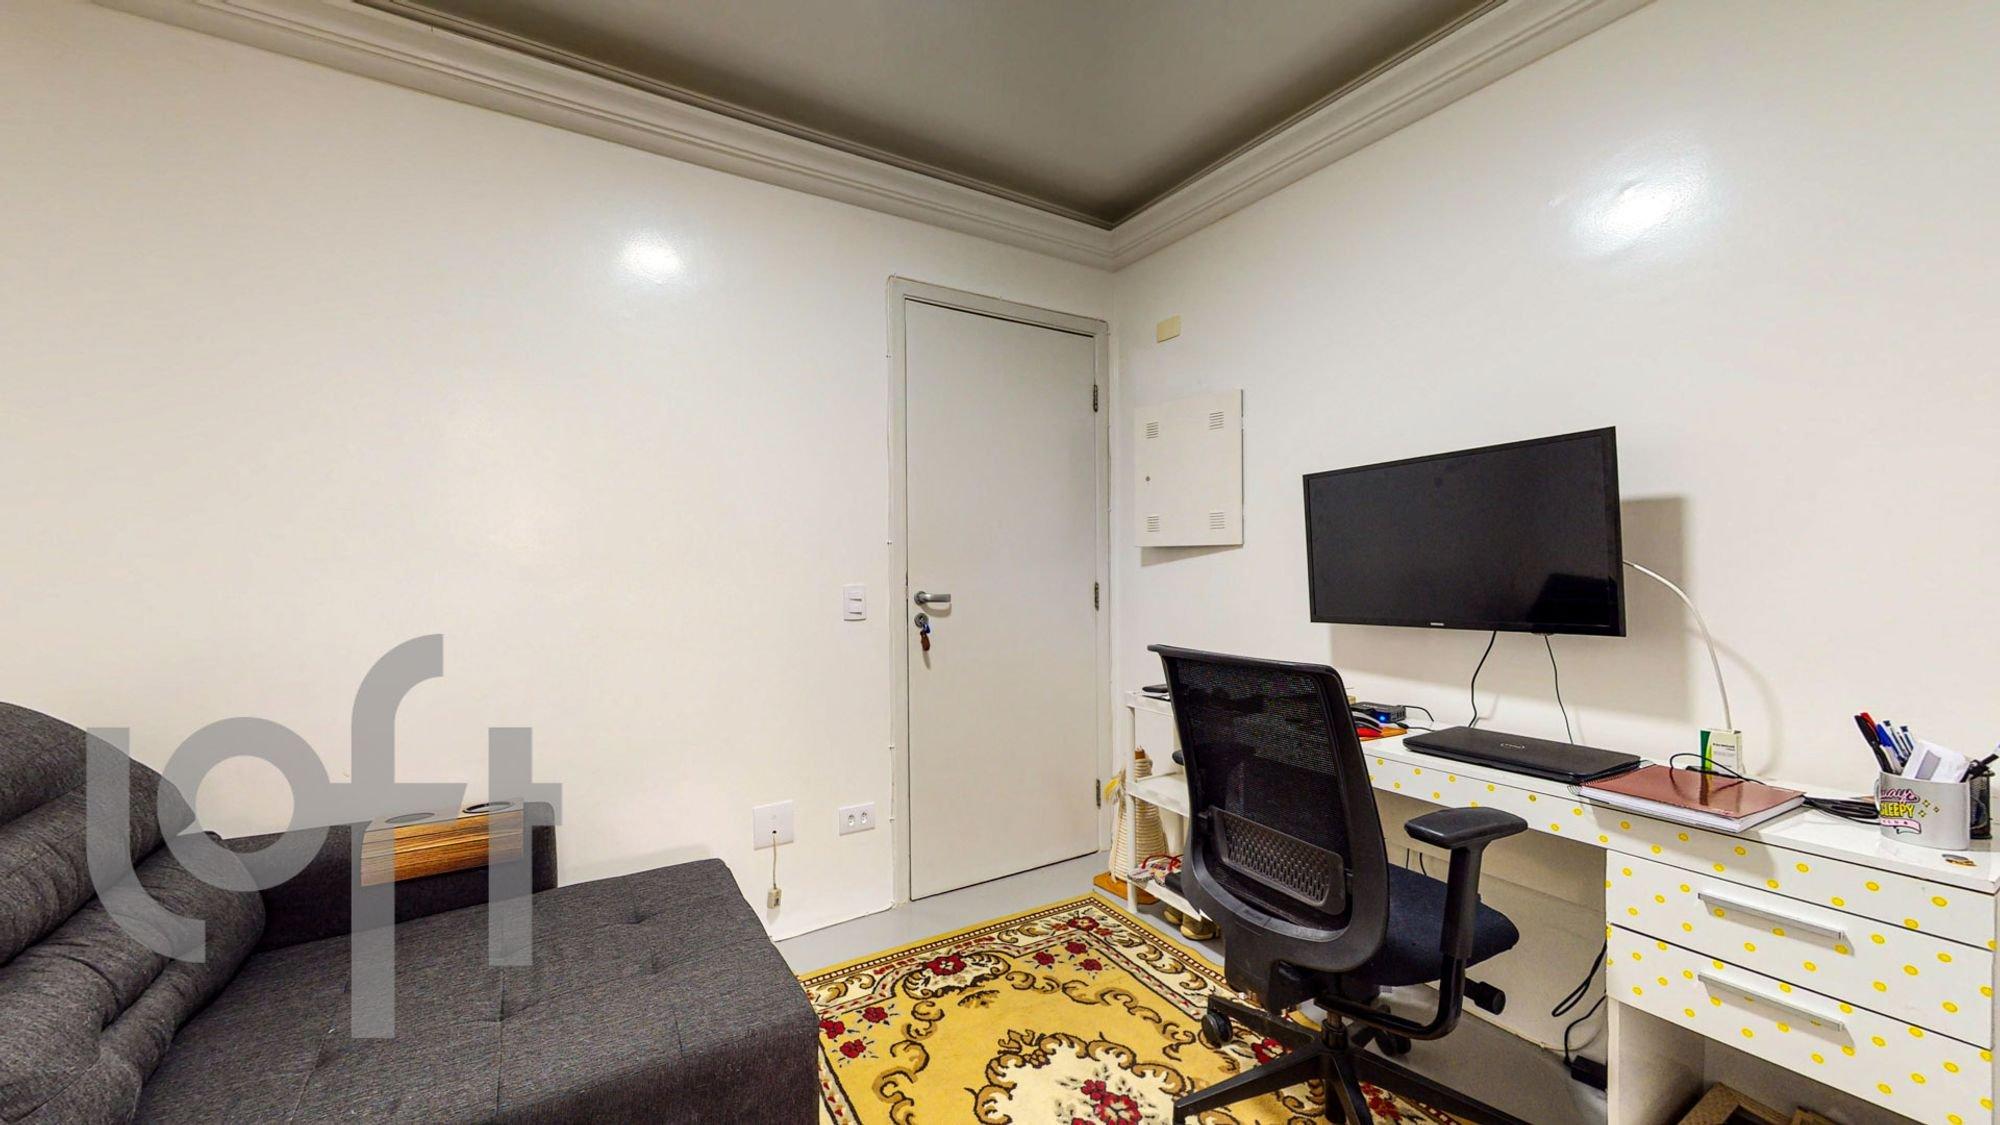 Foto de Sala com teclado, sofá, televisão, cadeira